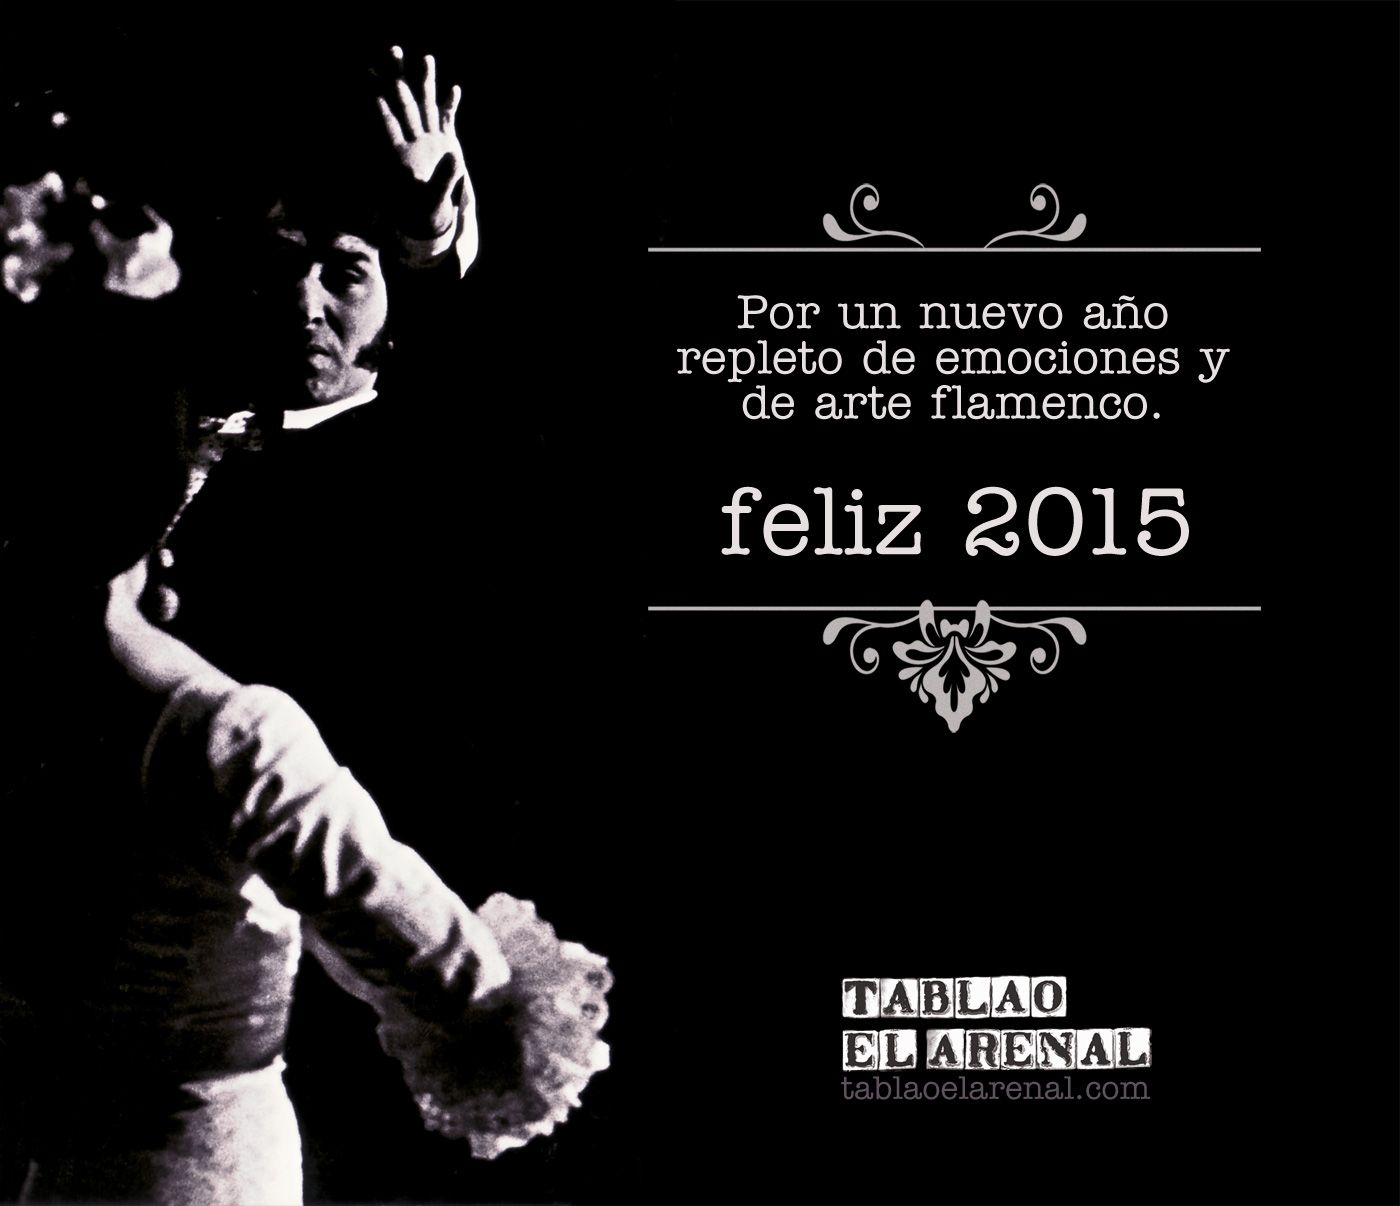 Por un nuevo año repleto de emociones y de arte flamenco. Feliz 2015. tablaoelarenal.com